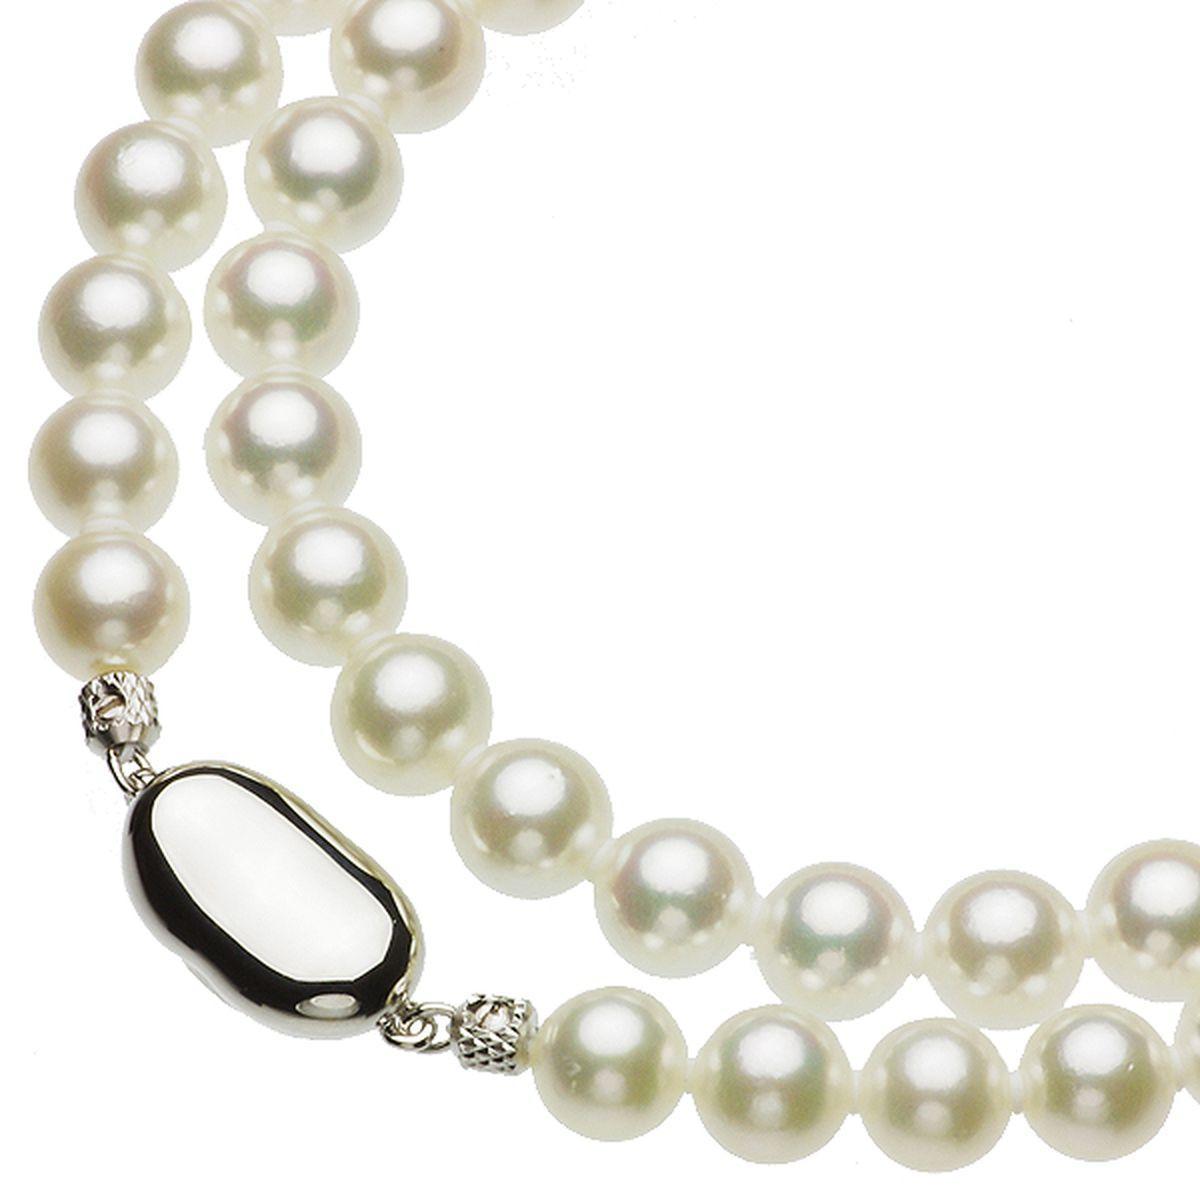 アコヤ 花珠 真珠 イヤリング ネックレス セット 約7.0-7.5mmの写真